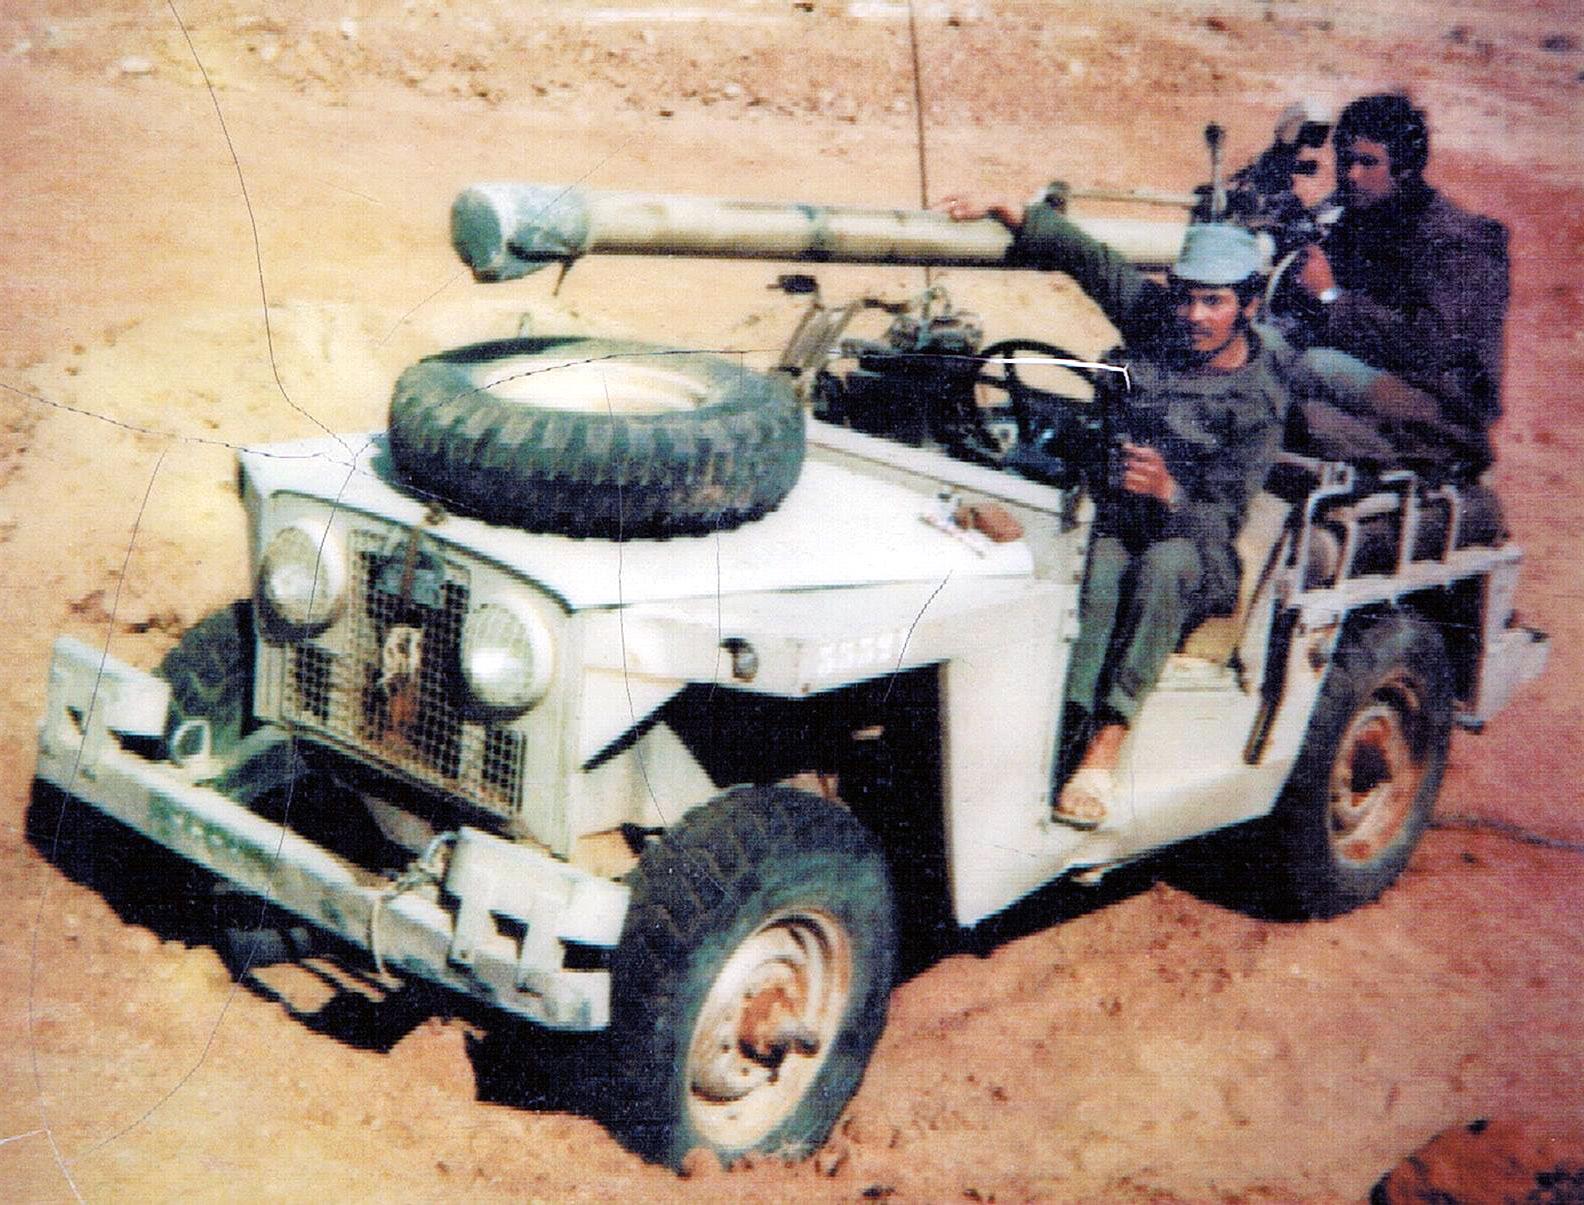 Le conflit armé du sahara marocain - Page 8 151221043749376106